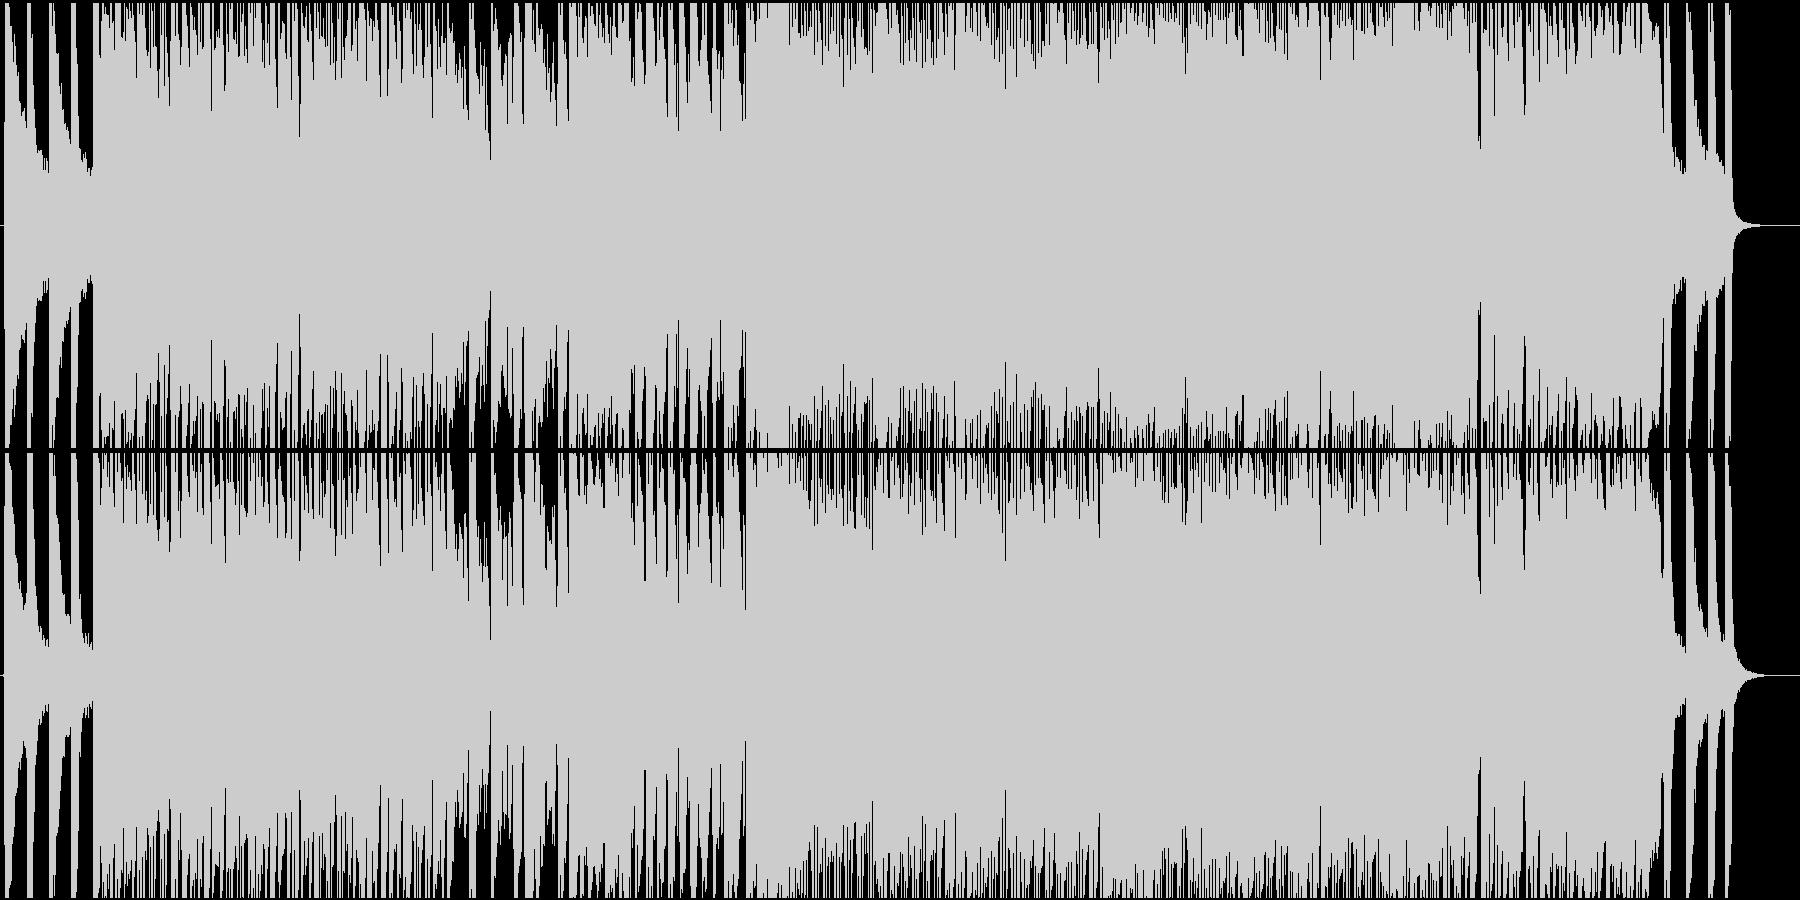 女性Vo★アニソン風、病的、中二病曲♪ の未再生の波形